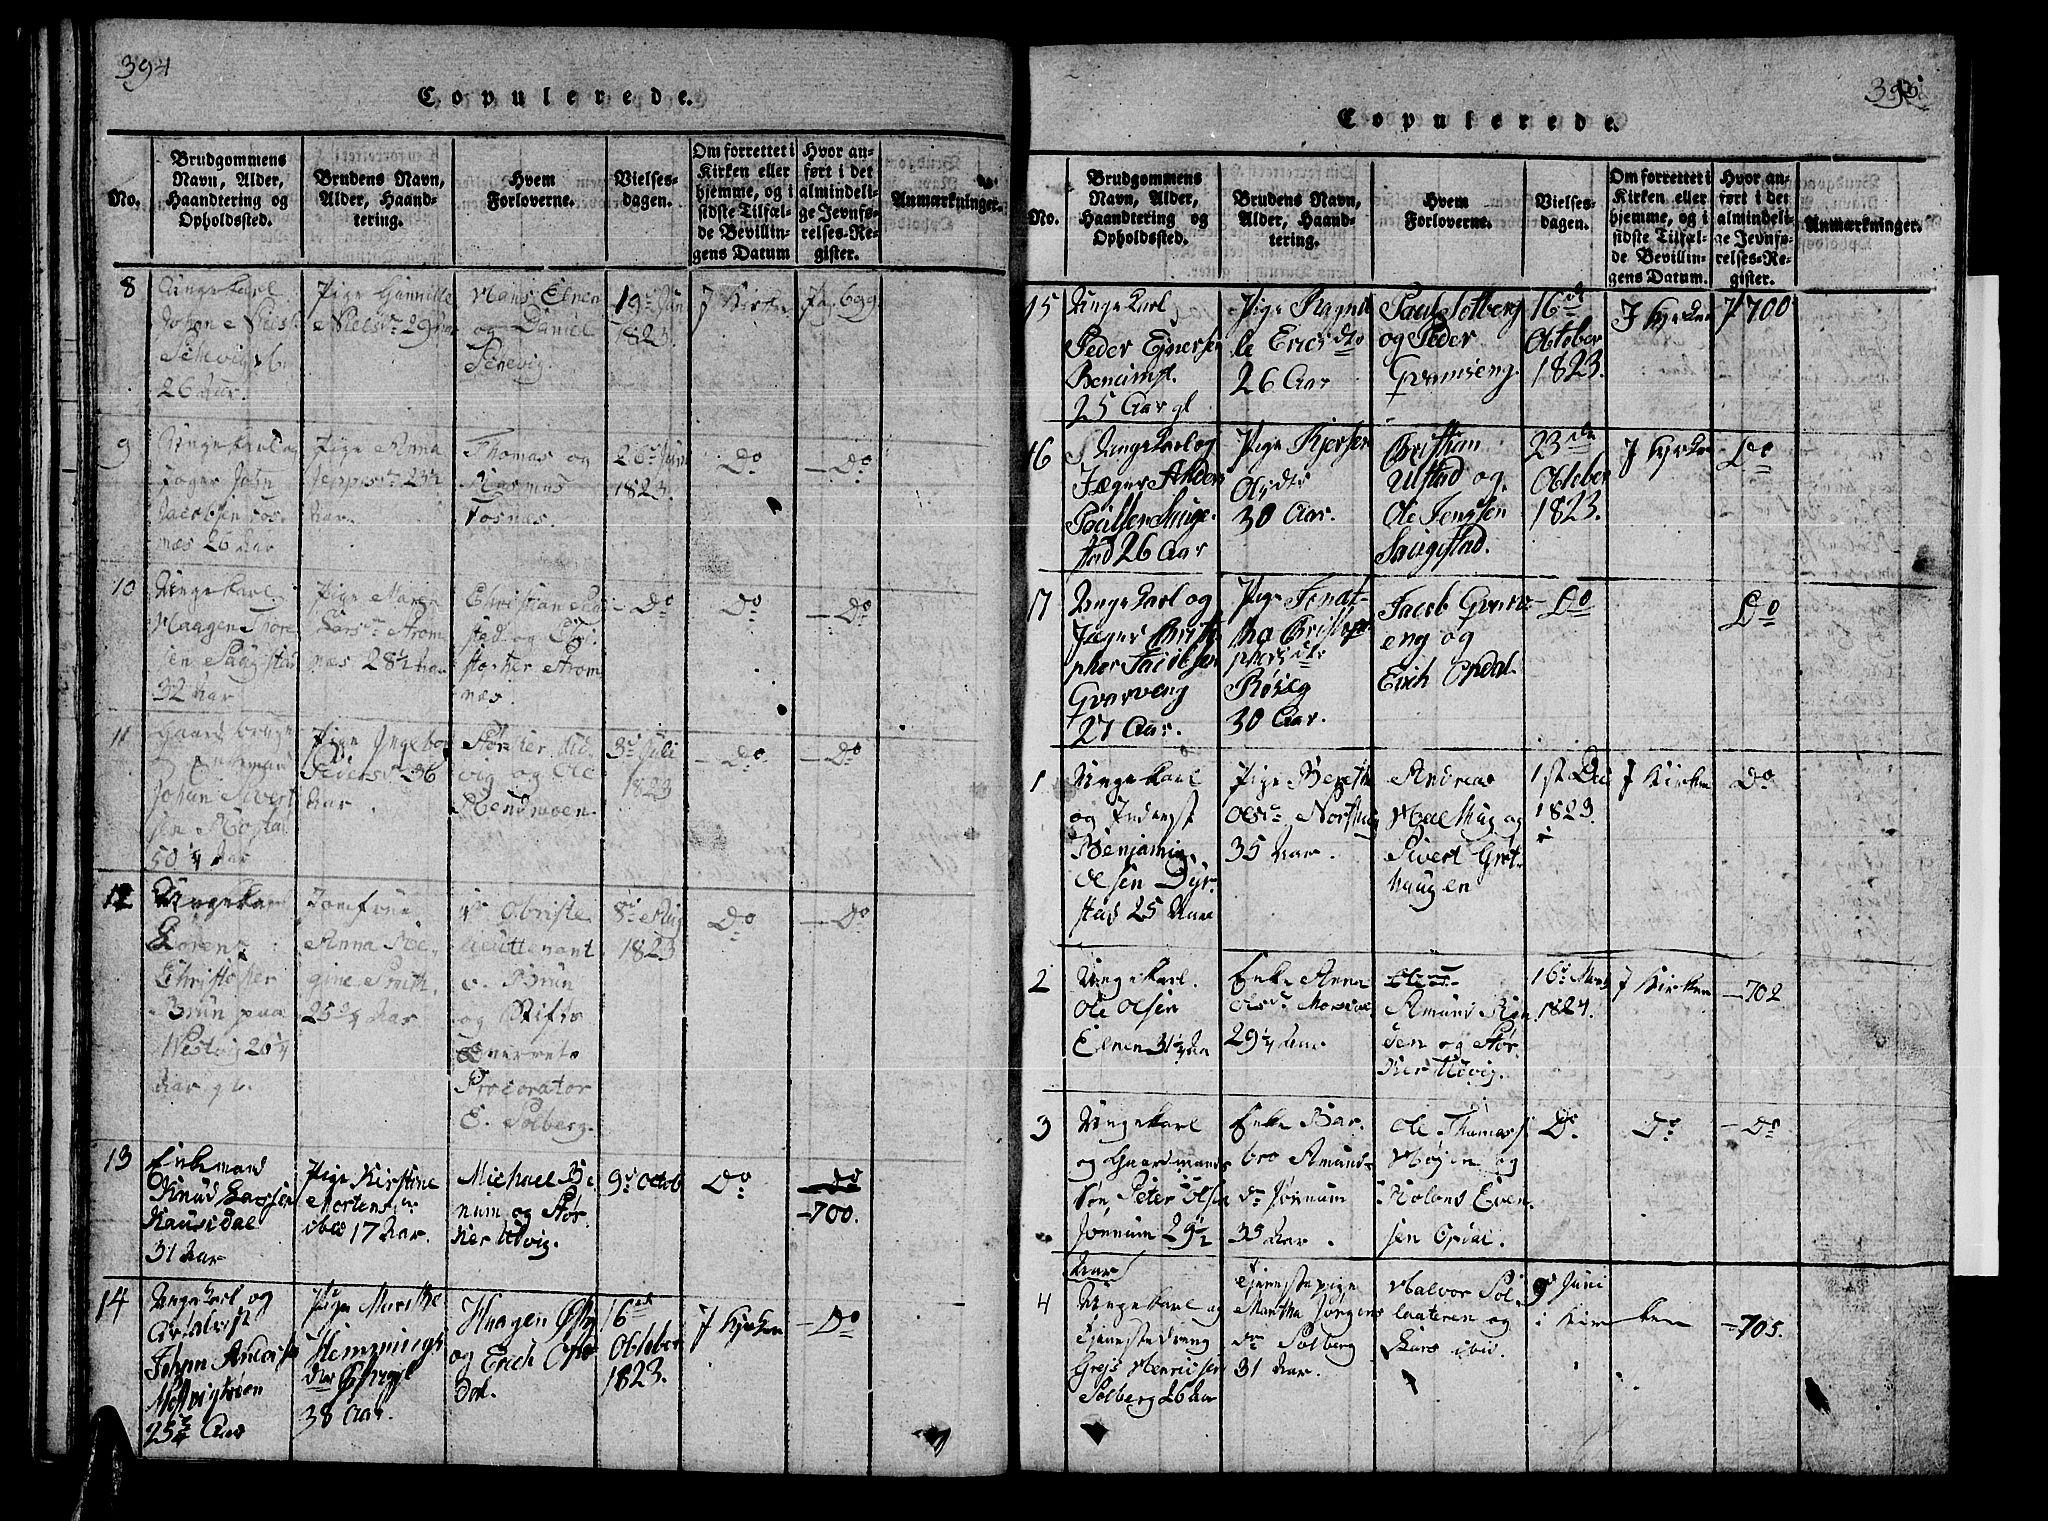 SAT, Ministerialprotokoller, klokkerbøker og fødselsregistre - Nord-Trøndelag, 741/L0400: Klokkerbok nr. 741C01, 1817-1825, s. 394-395